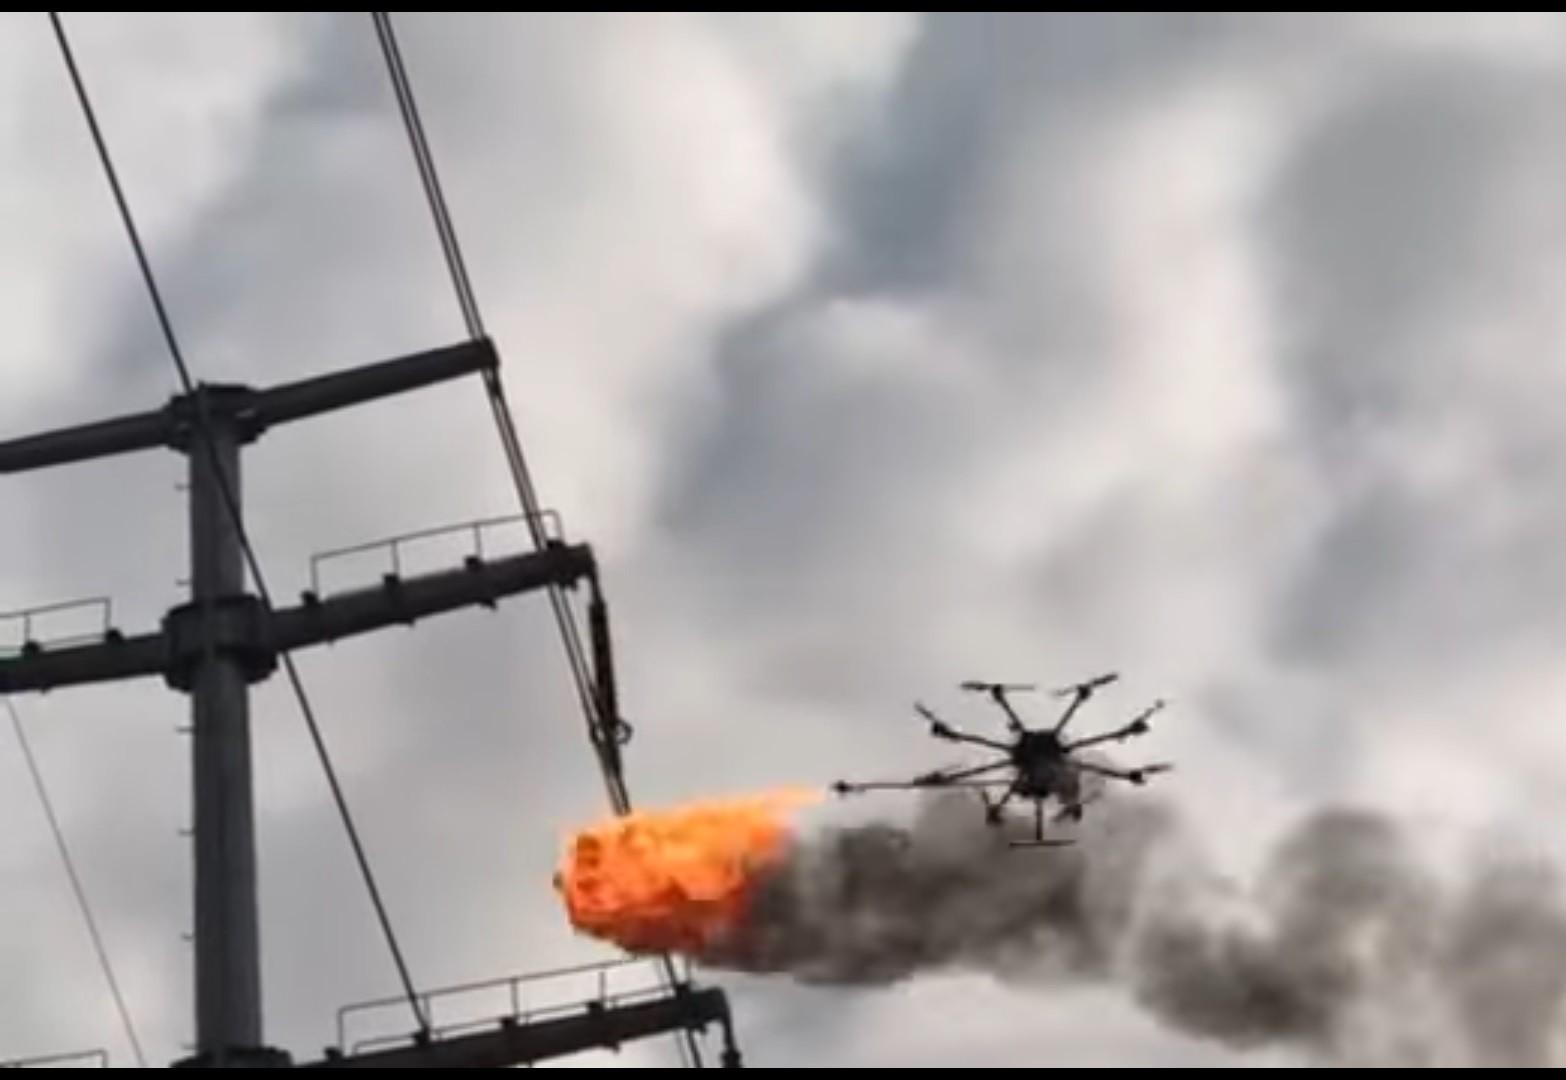 ВКитайской республике создали огнедышащего дрона для борьбы смусором